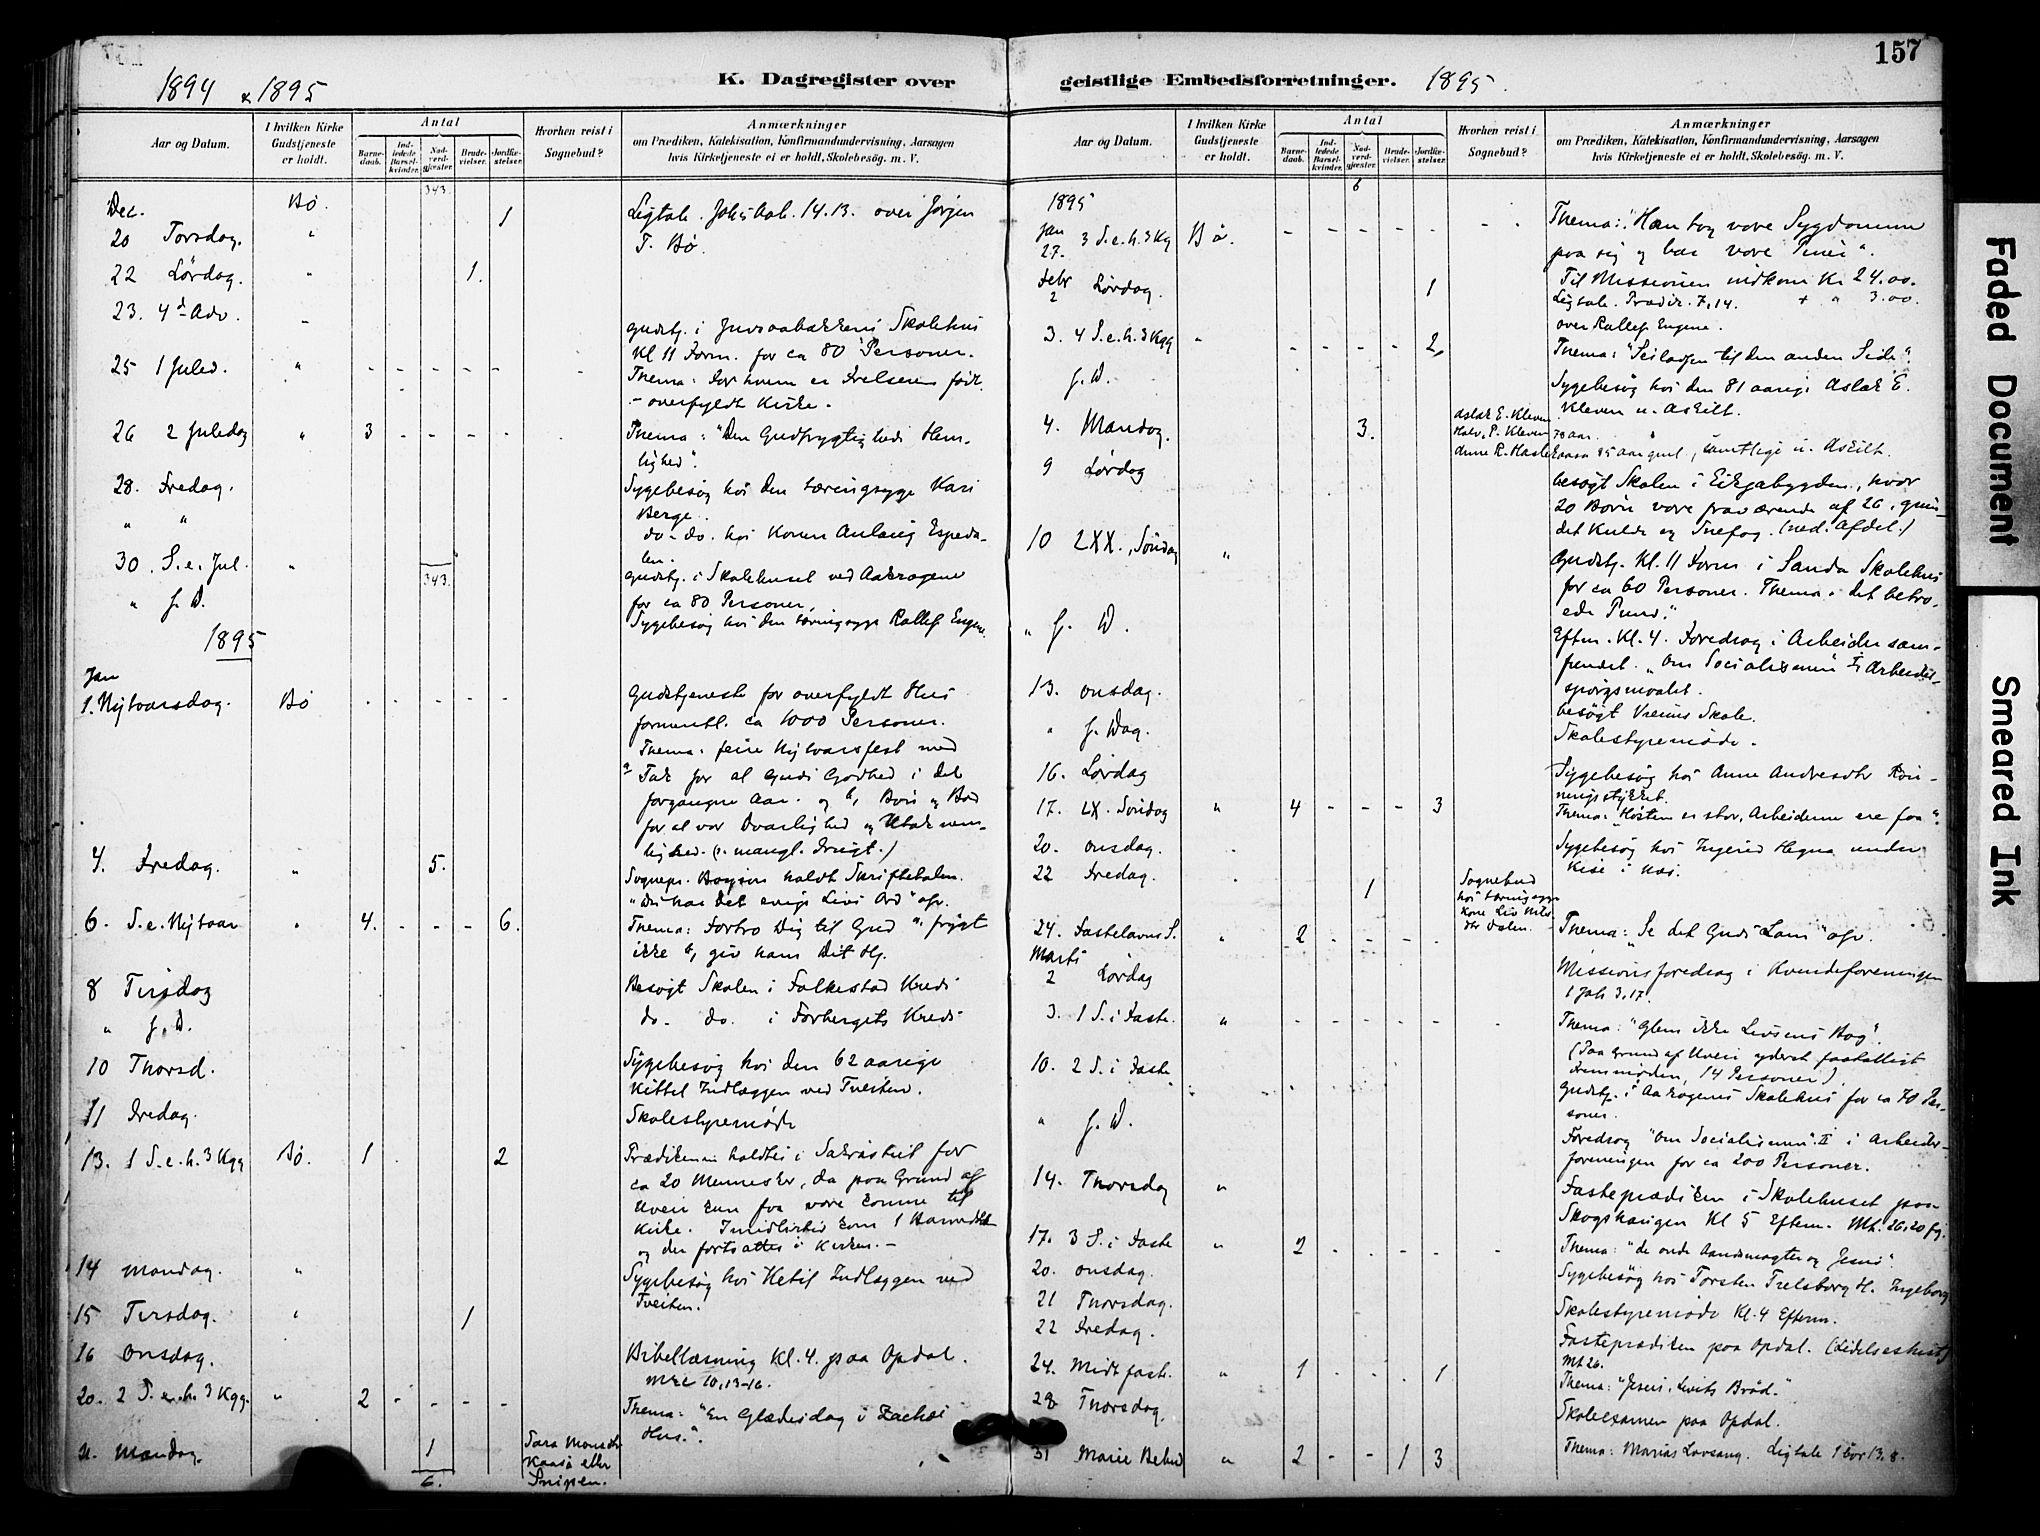 SAKO, Bø kirkebøker, F/Fa/L0011: Ministerialbok nr. 11, 1892-1900, s. 157